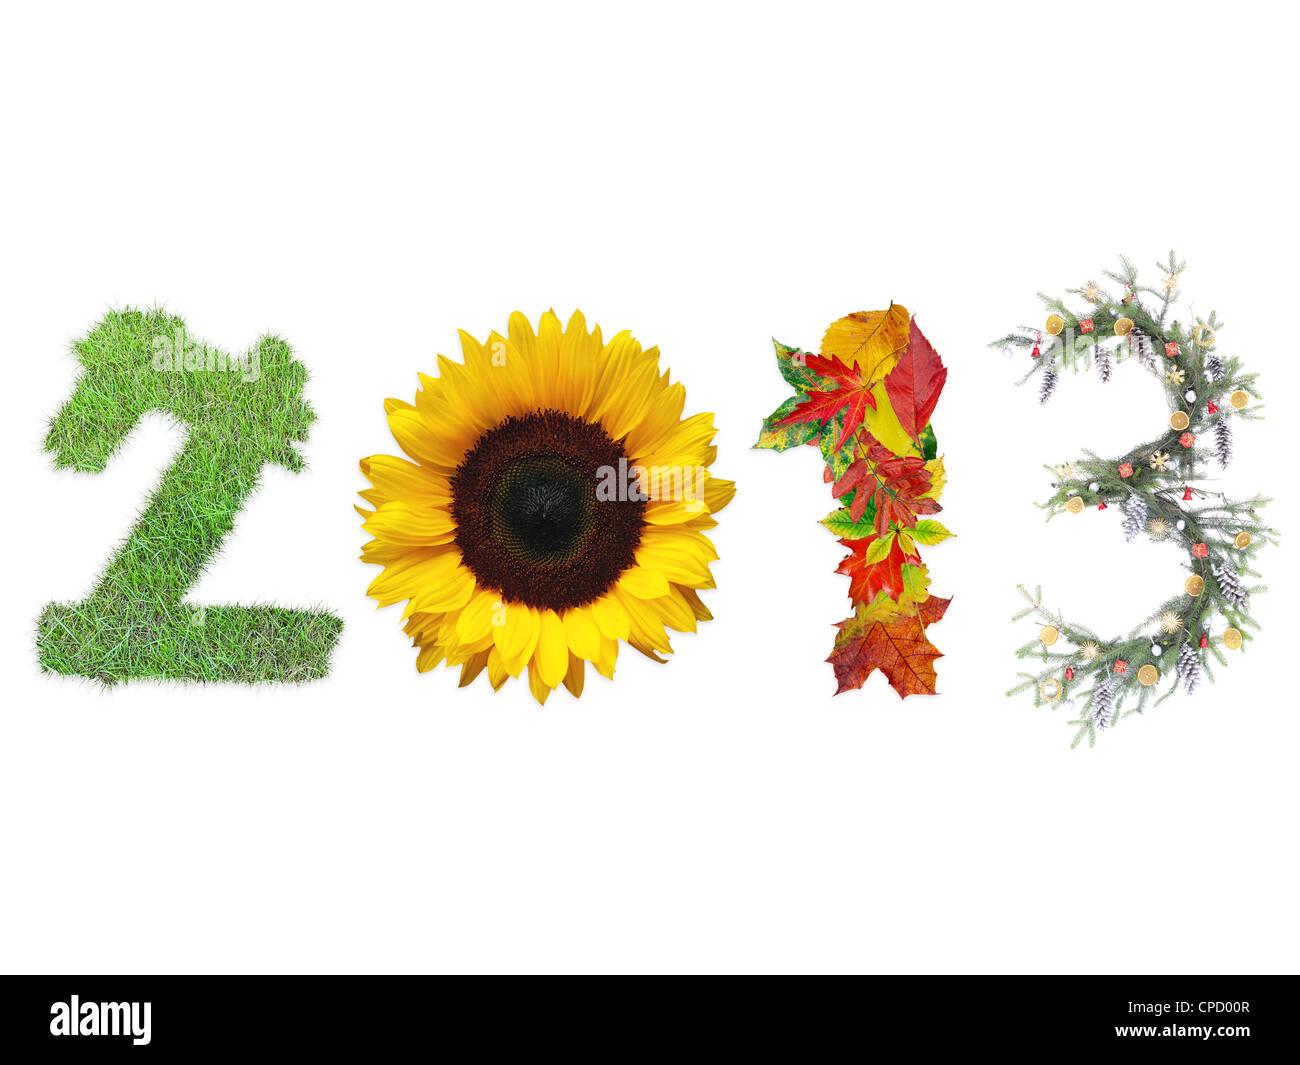 2013 dígitos de hierba fresca, girasol, hojas caer muertos y Navidad representando cuatro temporada del año Imagen De Stock